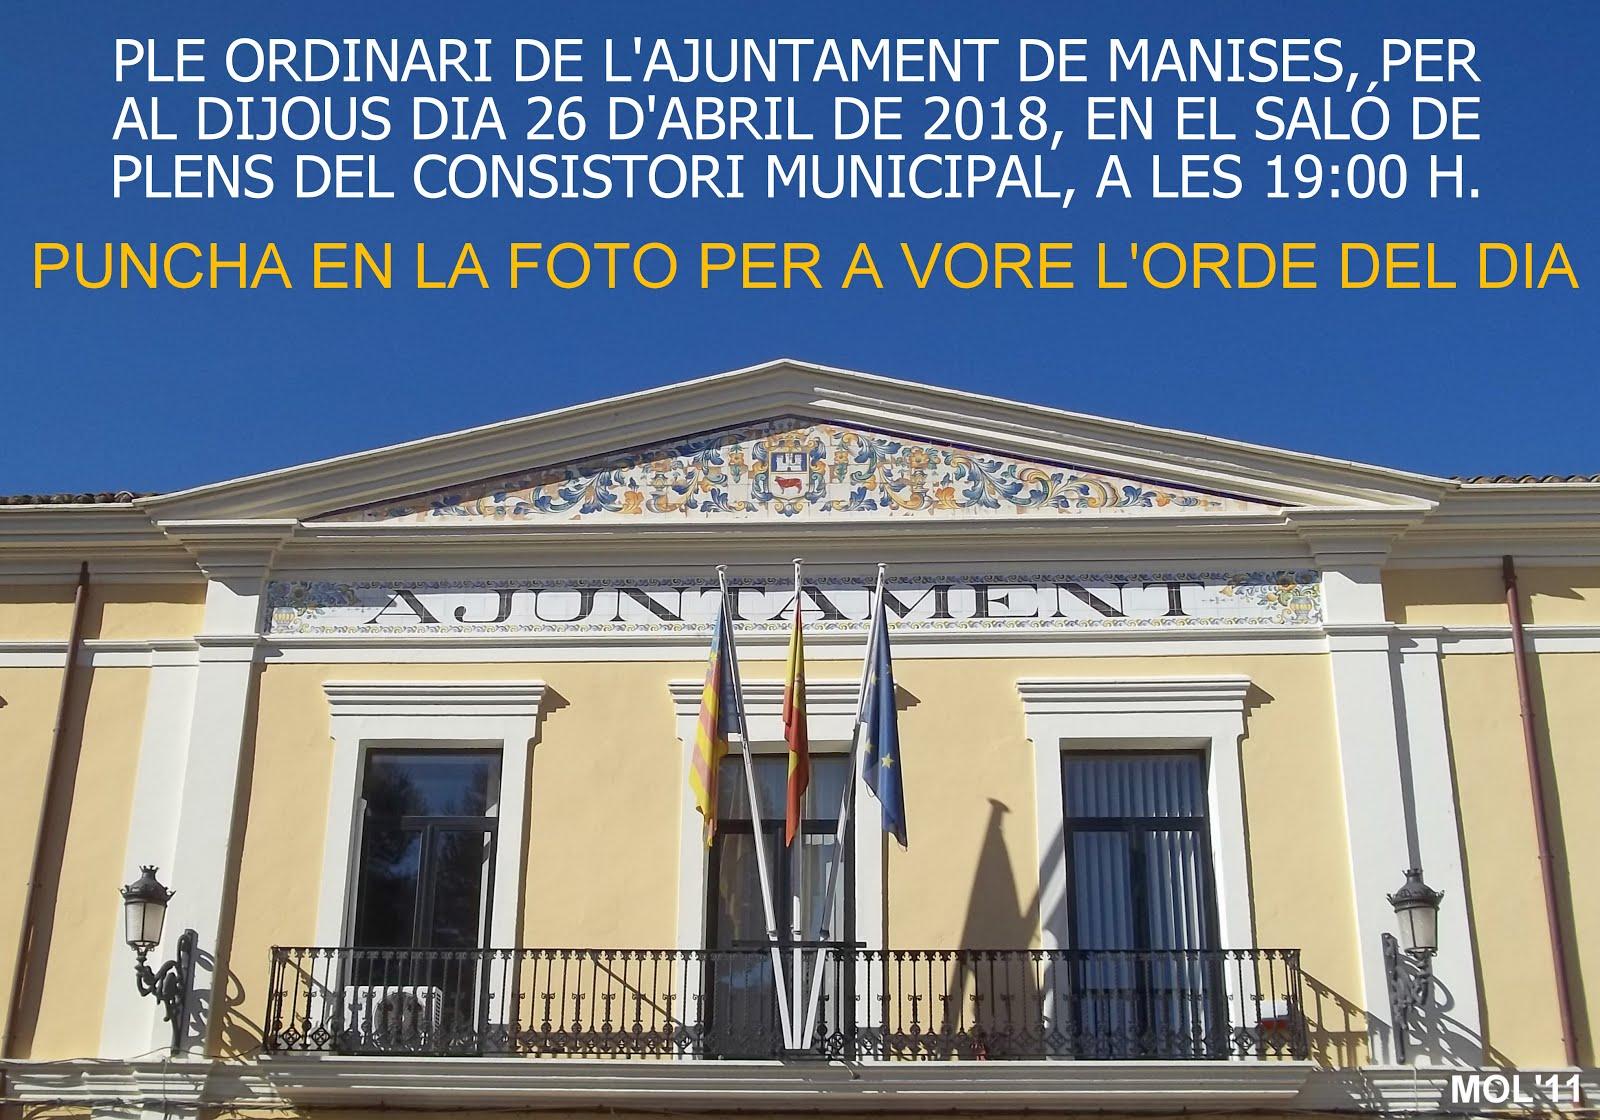 26.04.18 PLENO ORDINARIO DEL AYUNTAMIENTO DE MANISES DEL MES DE ABRIL